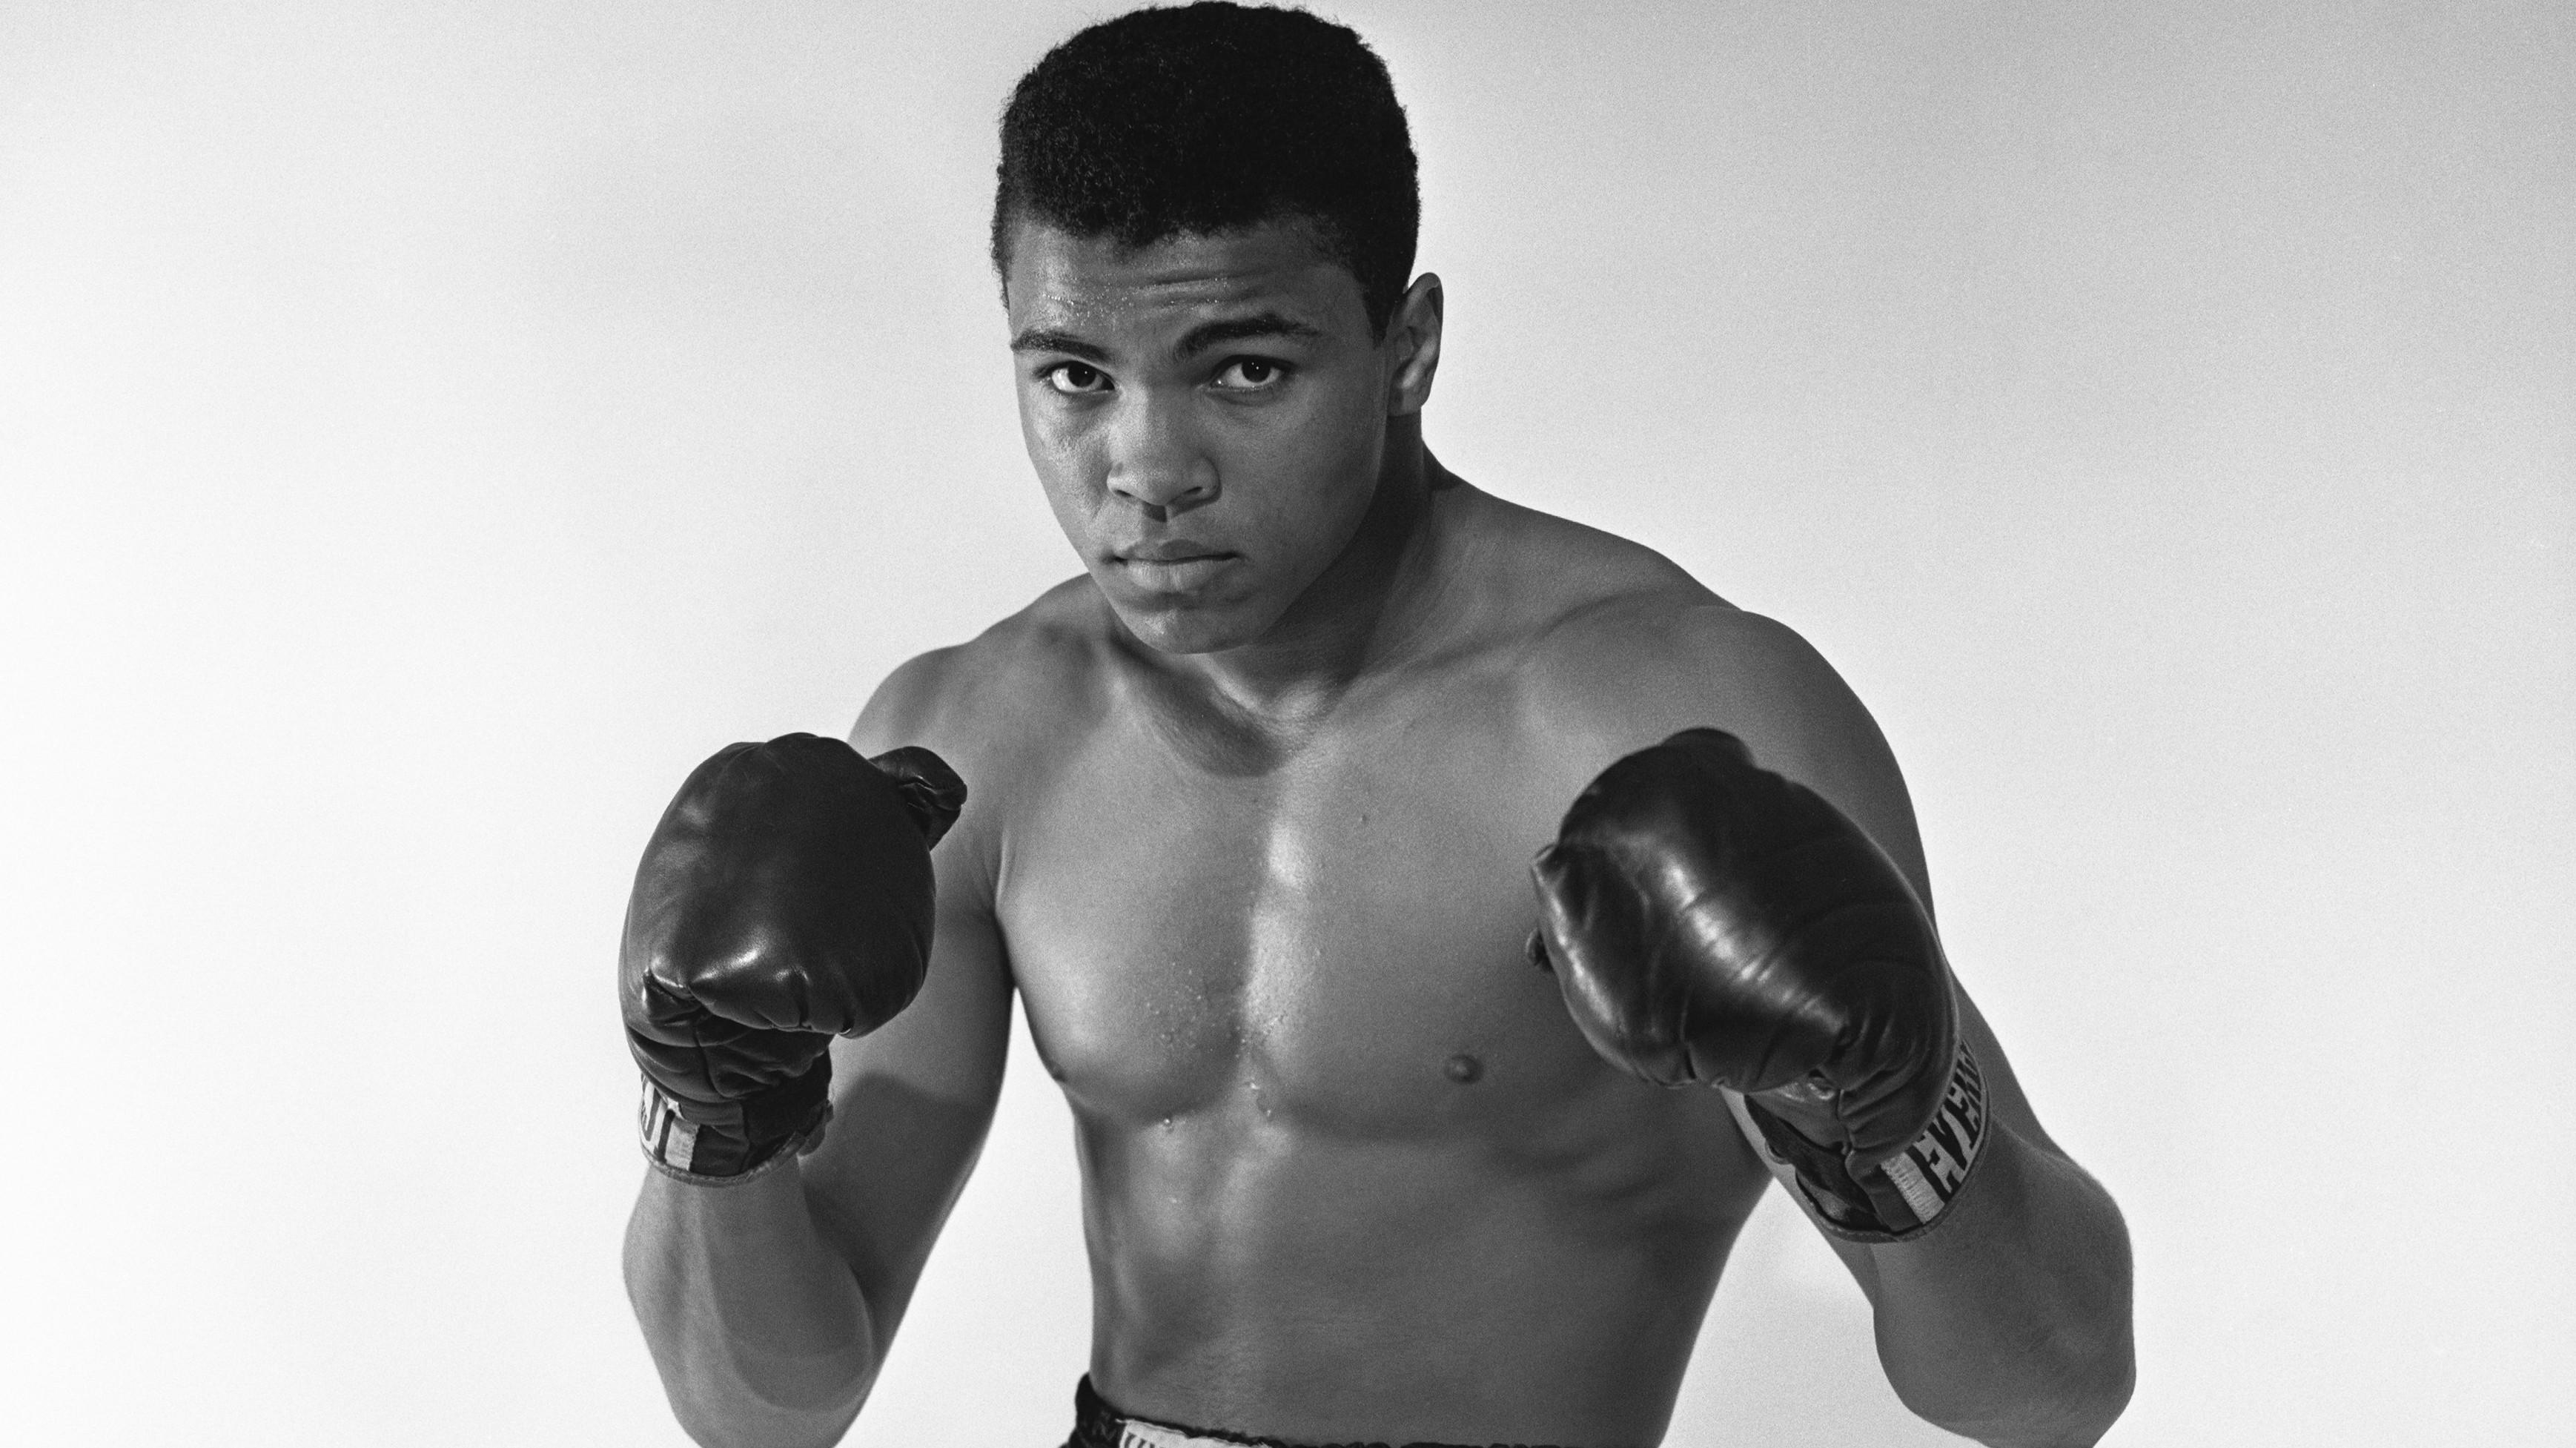 Bilder Muhammad Ali